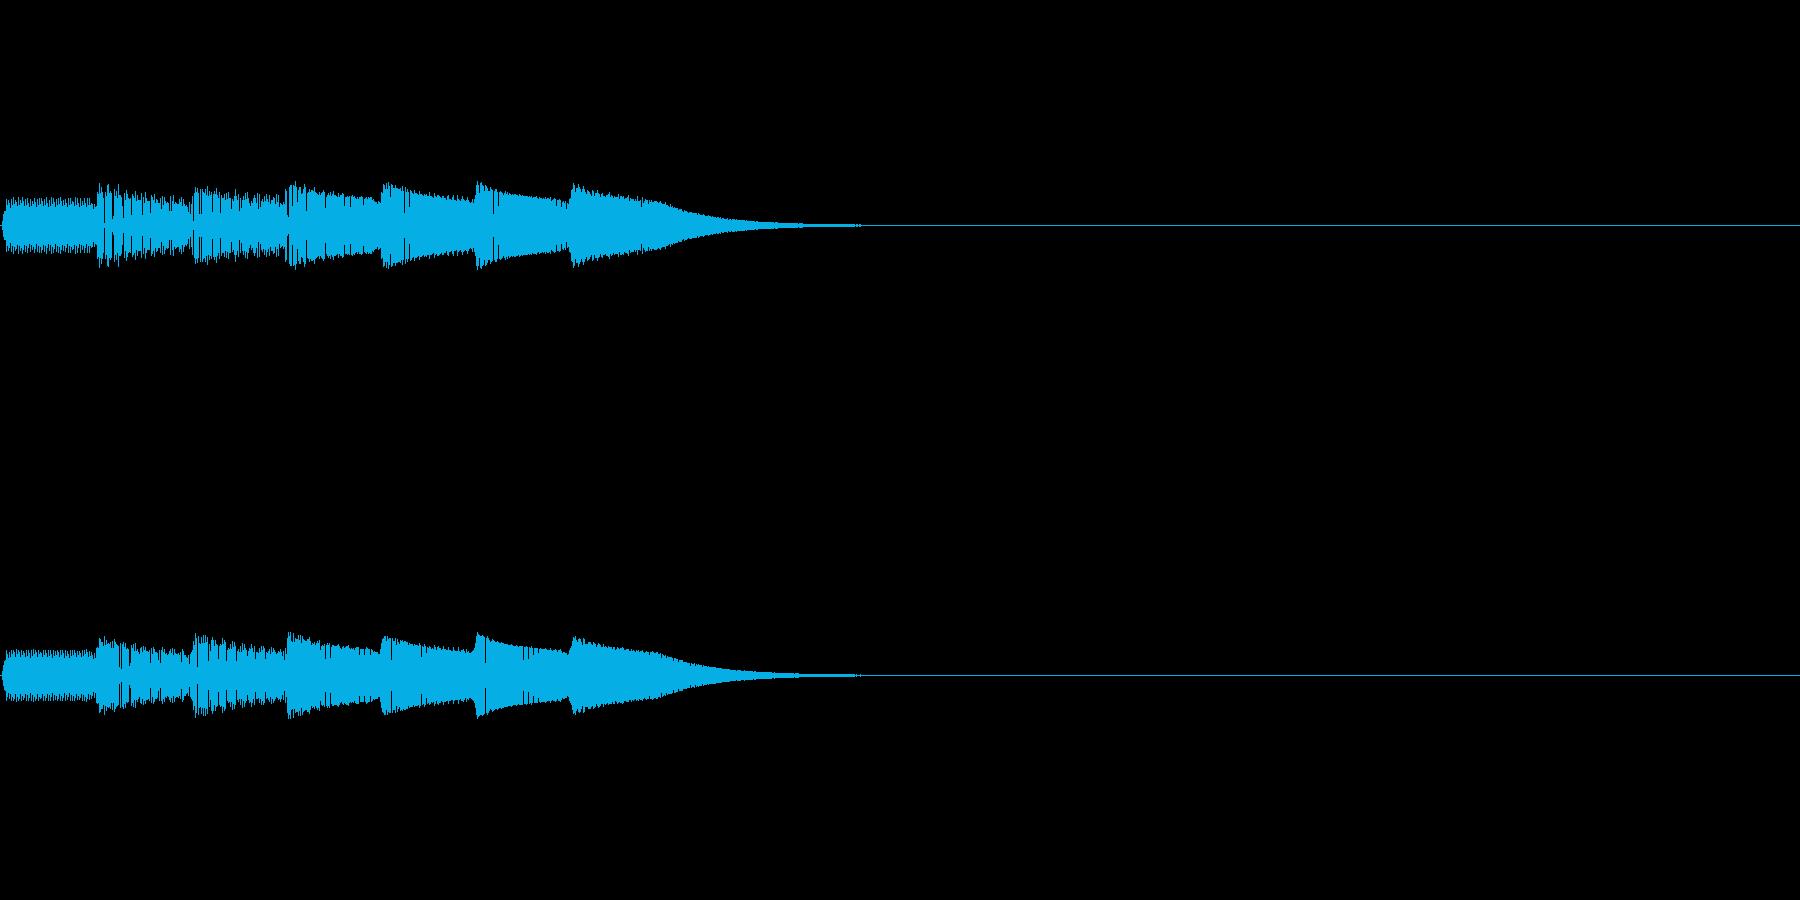 ピコピコロン(ゲーム_ポーズボタン)の再生済みの波形